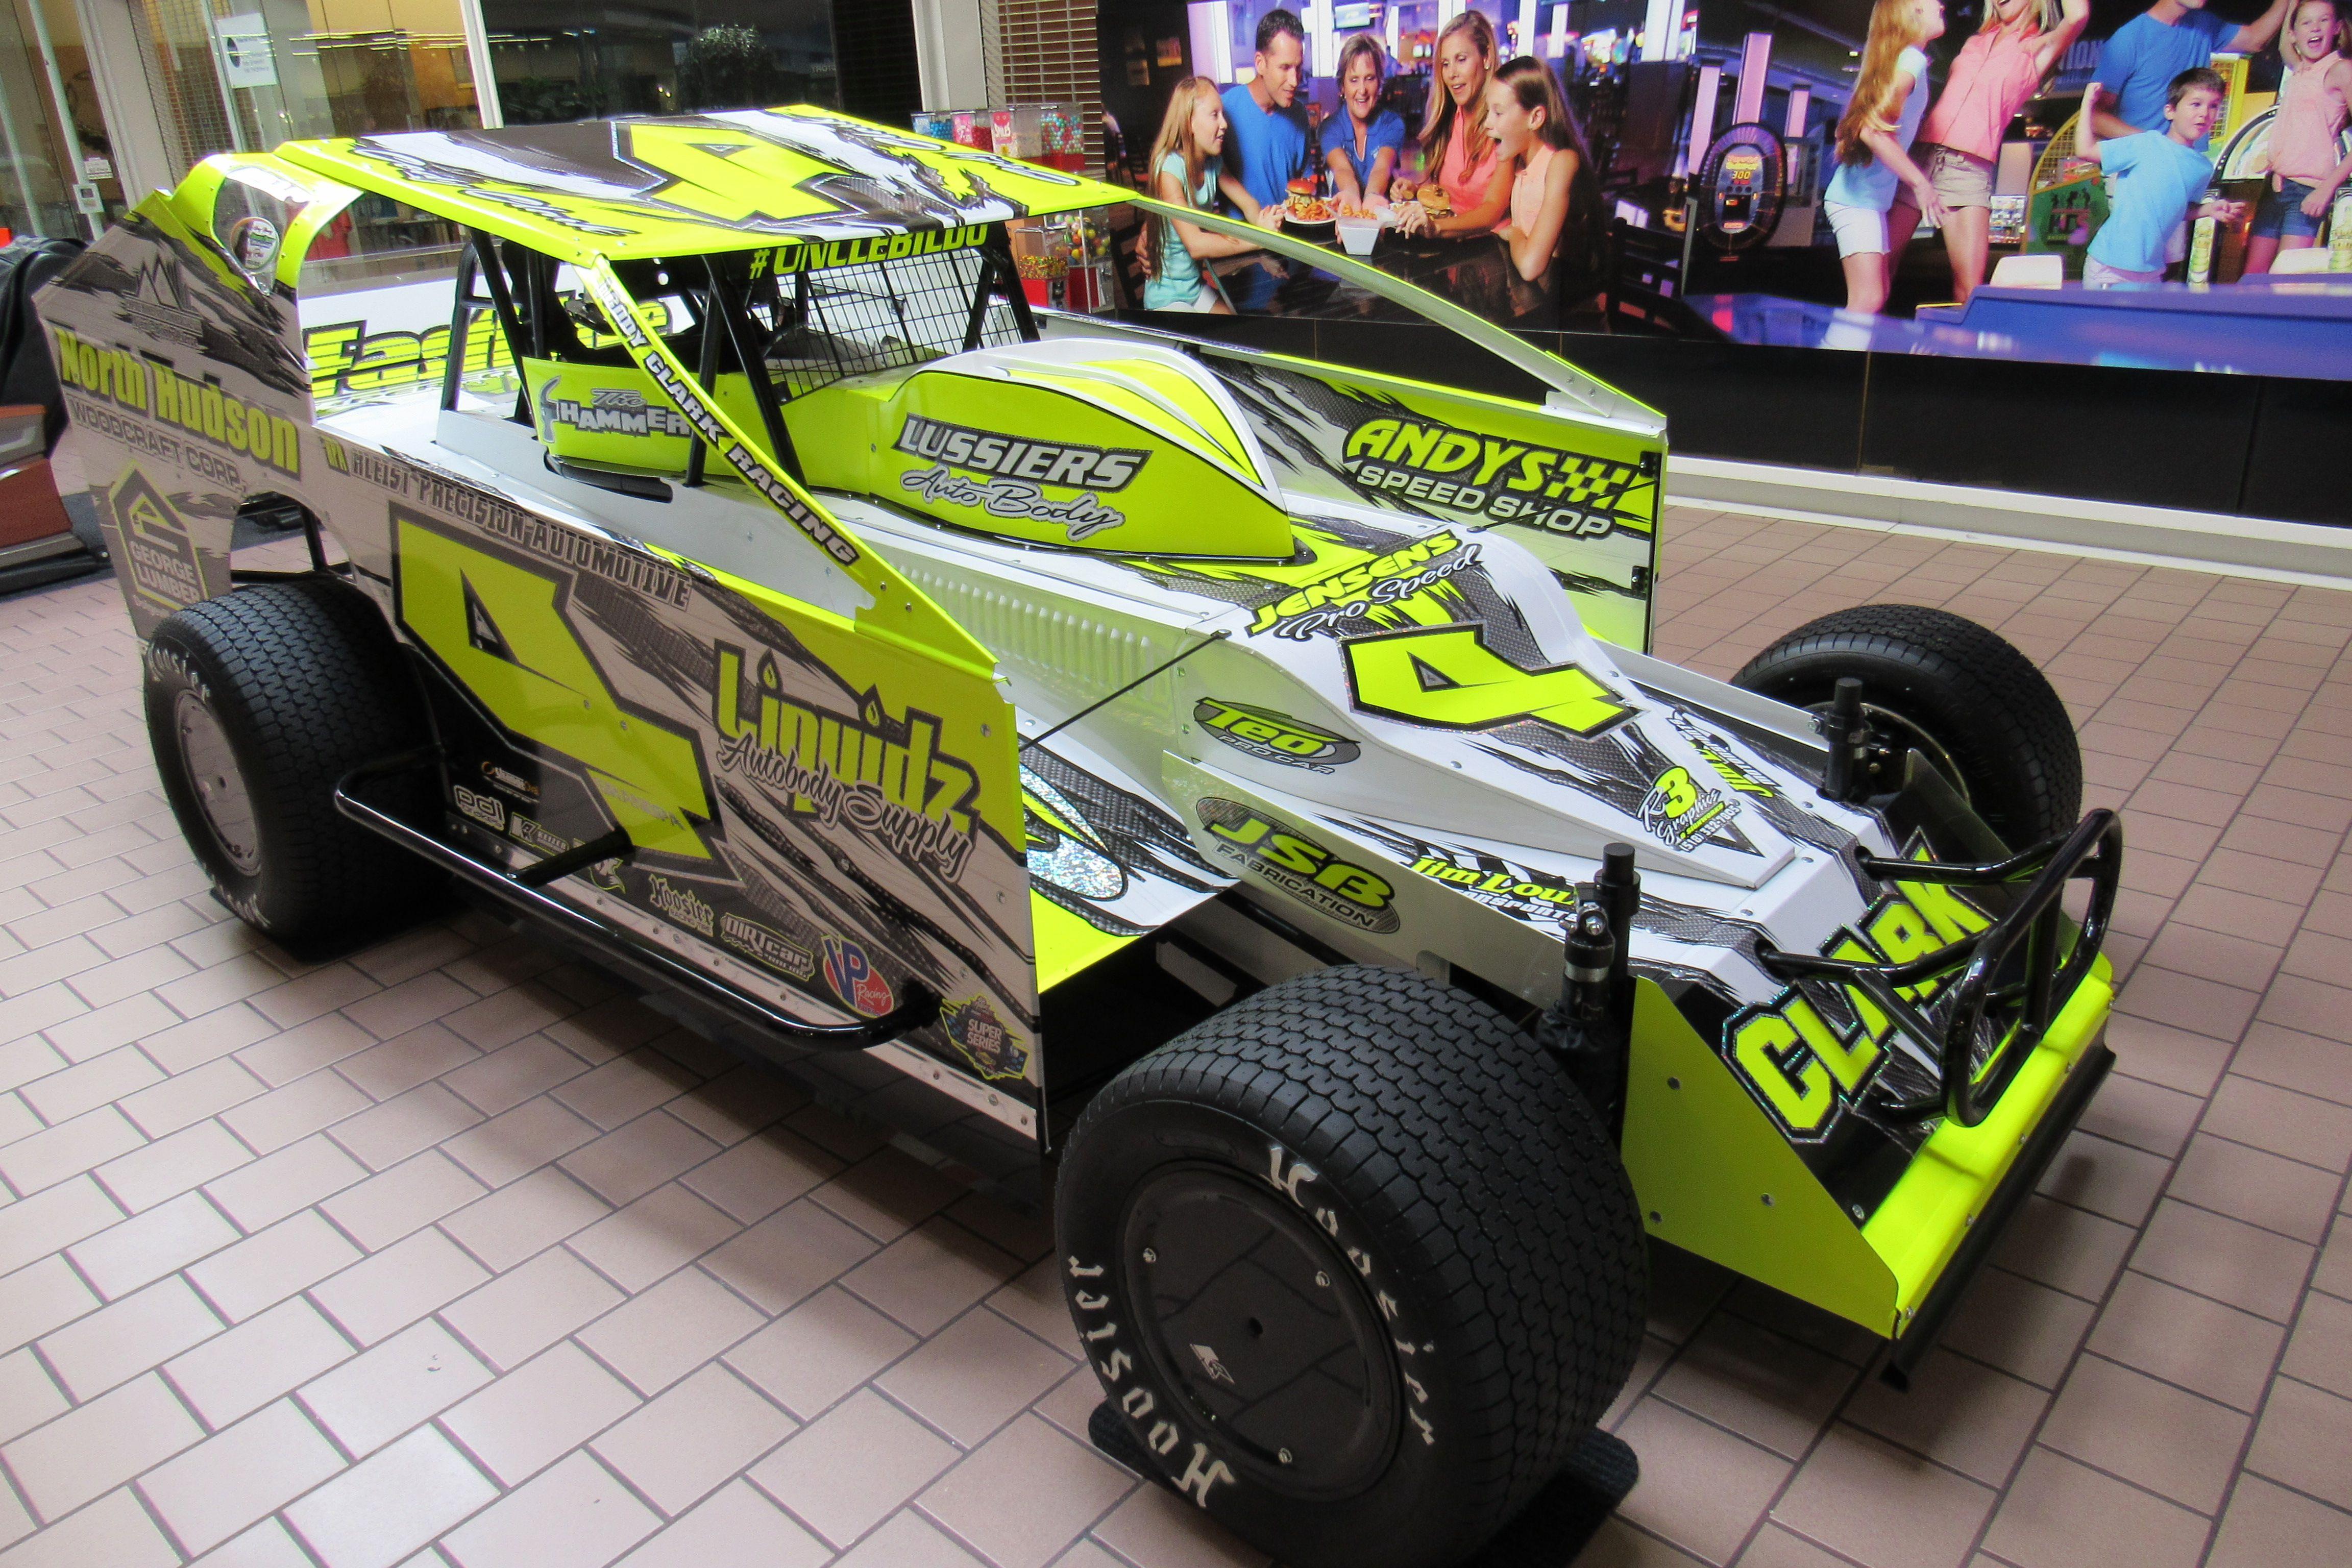 Orange Crush With Images Dirt Car Racing Late Model Racing